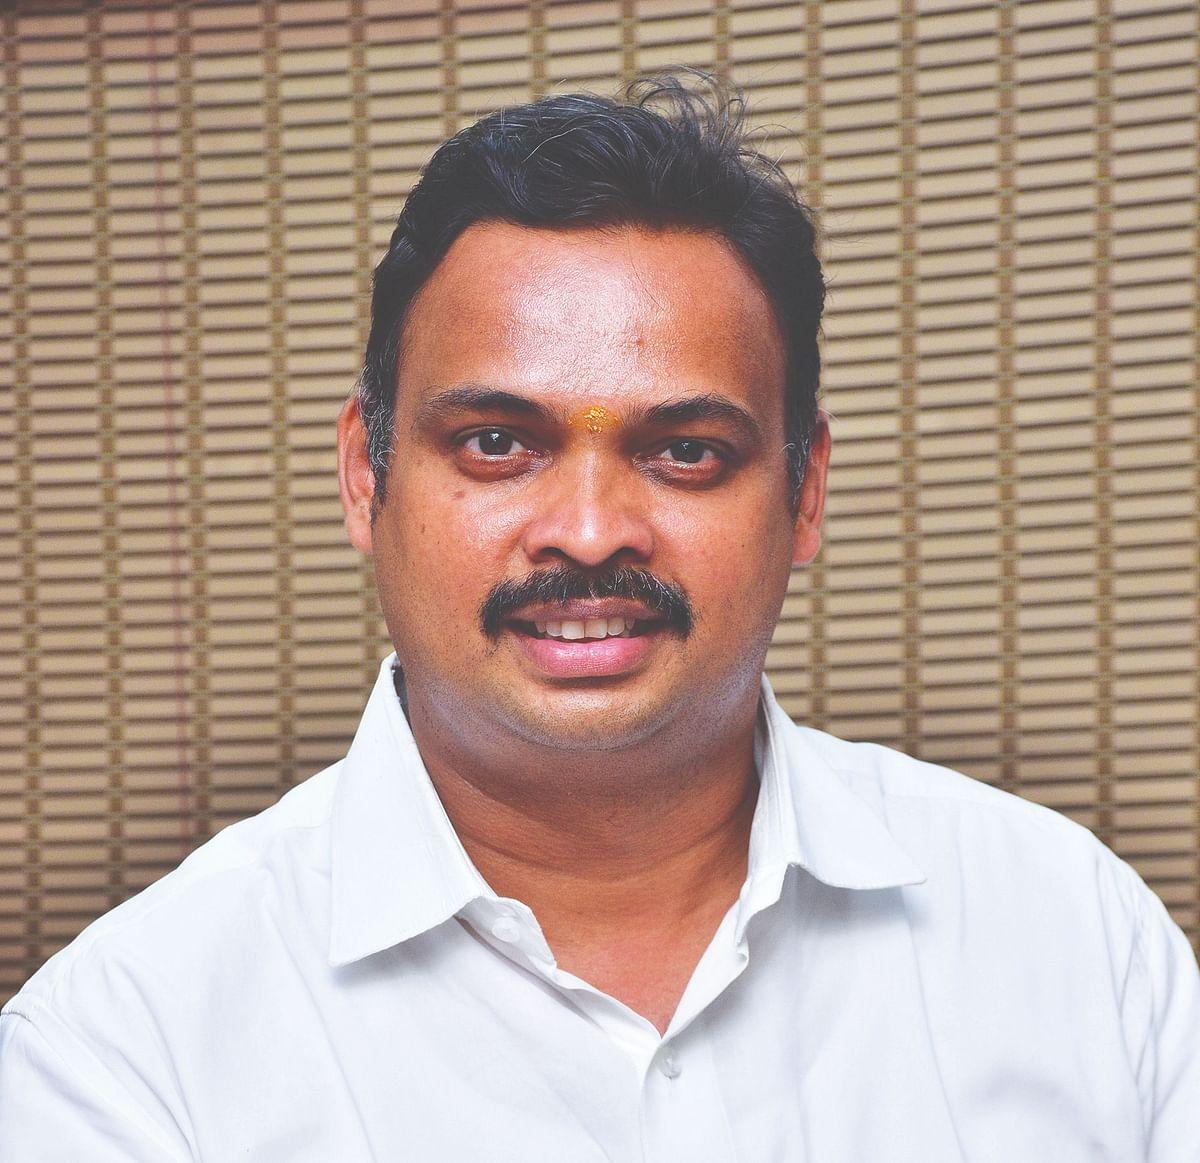 ஆடிட்டர் கோபால் கிருஷ்ணராஜு